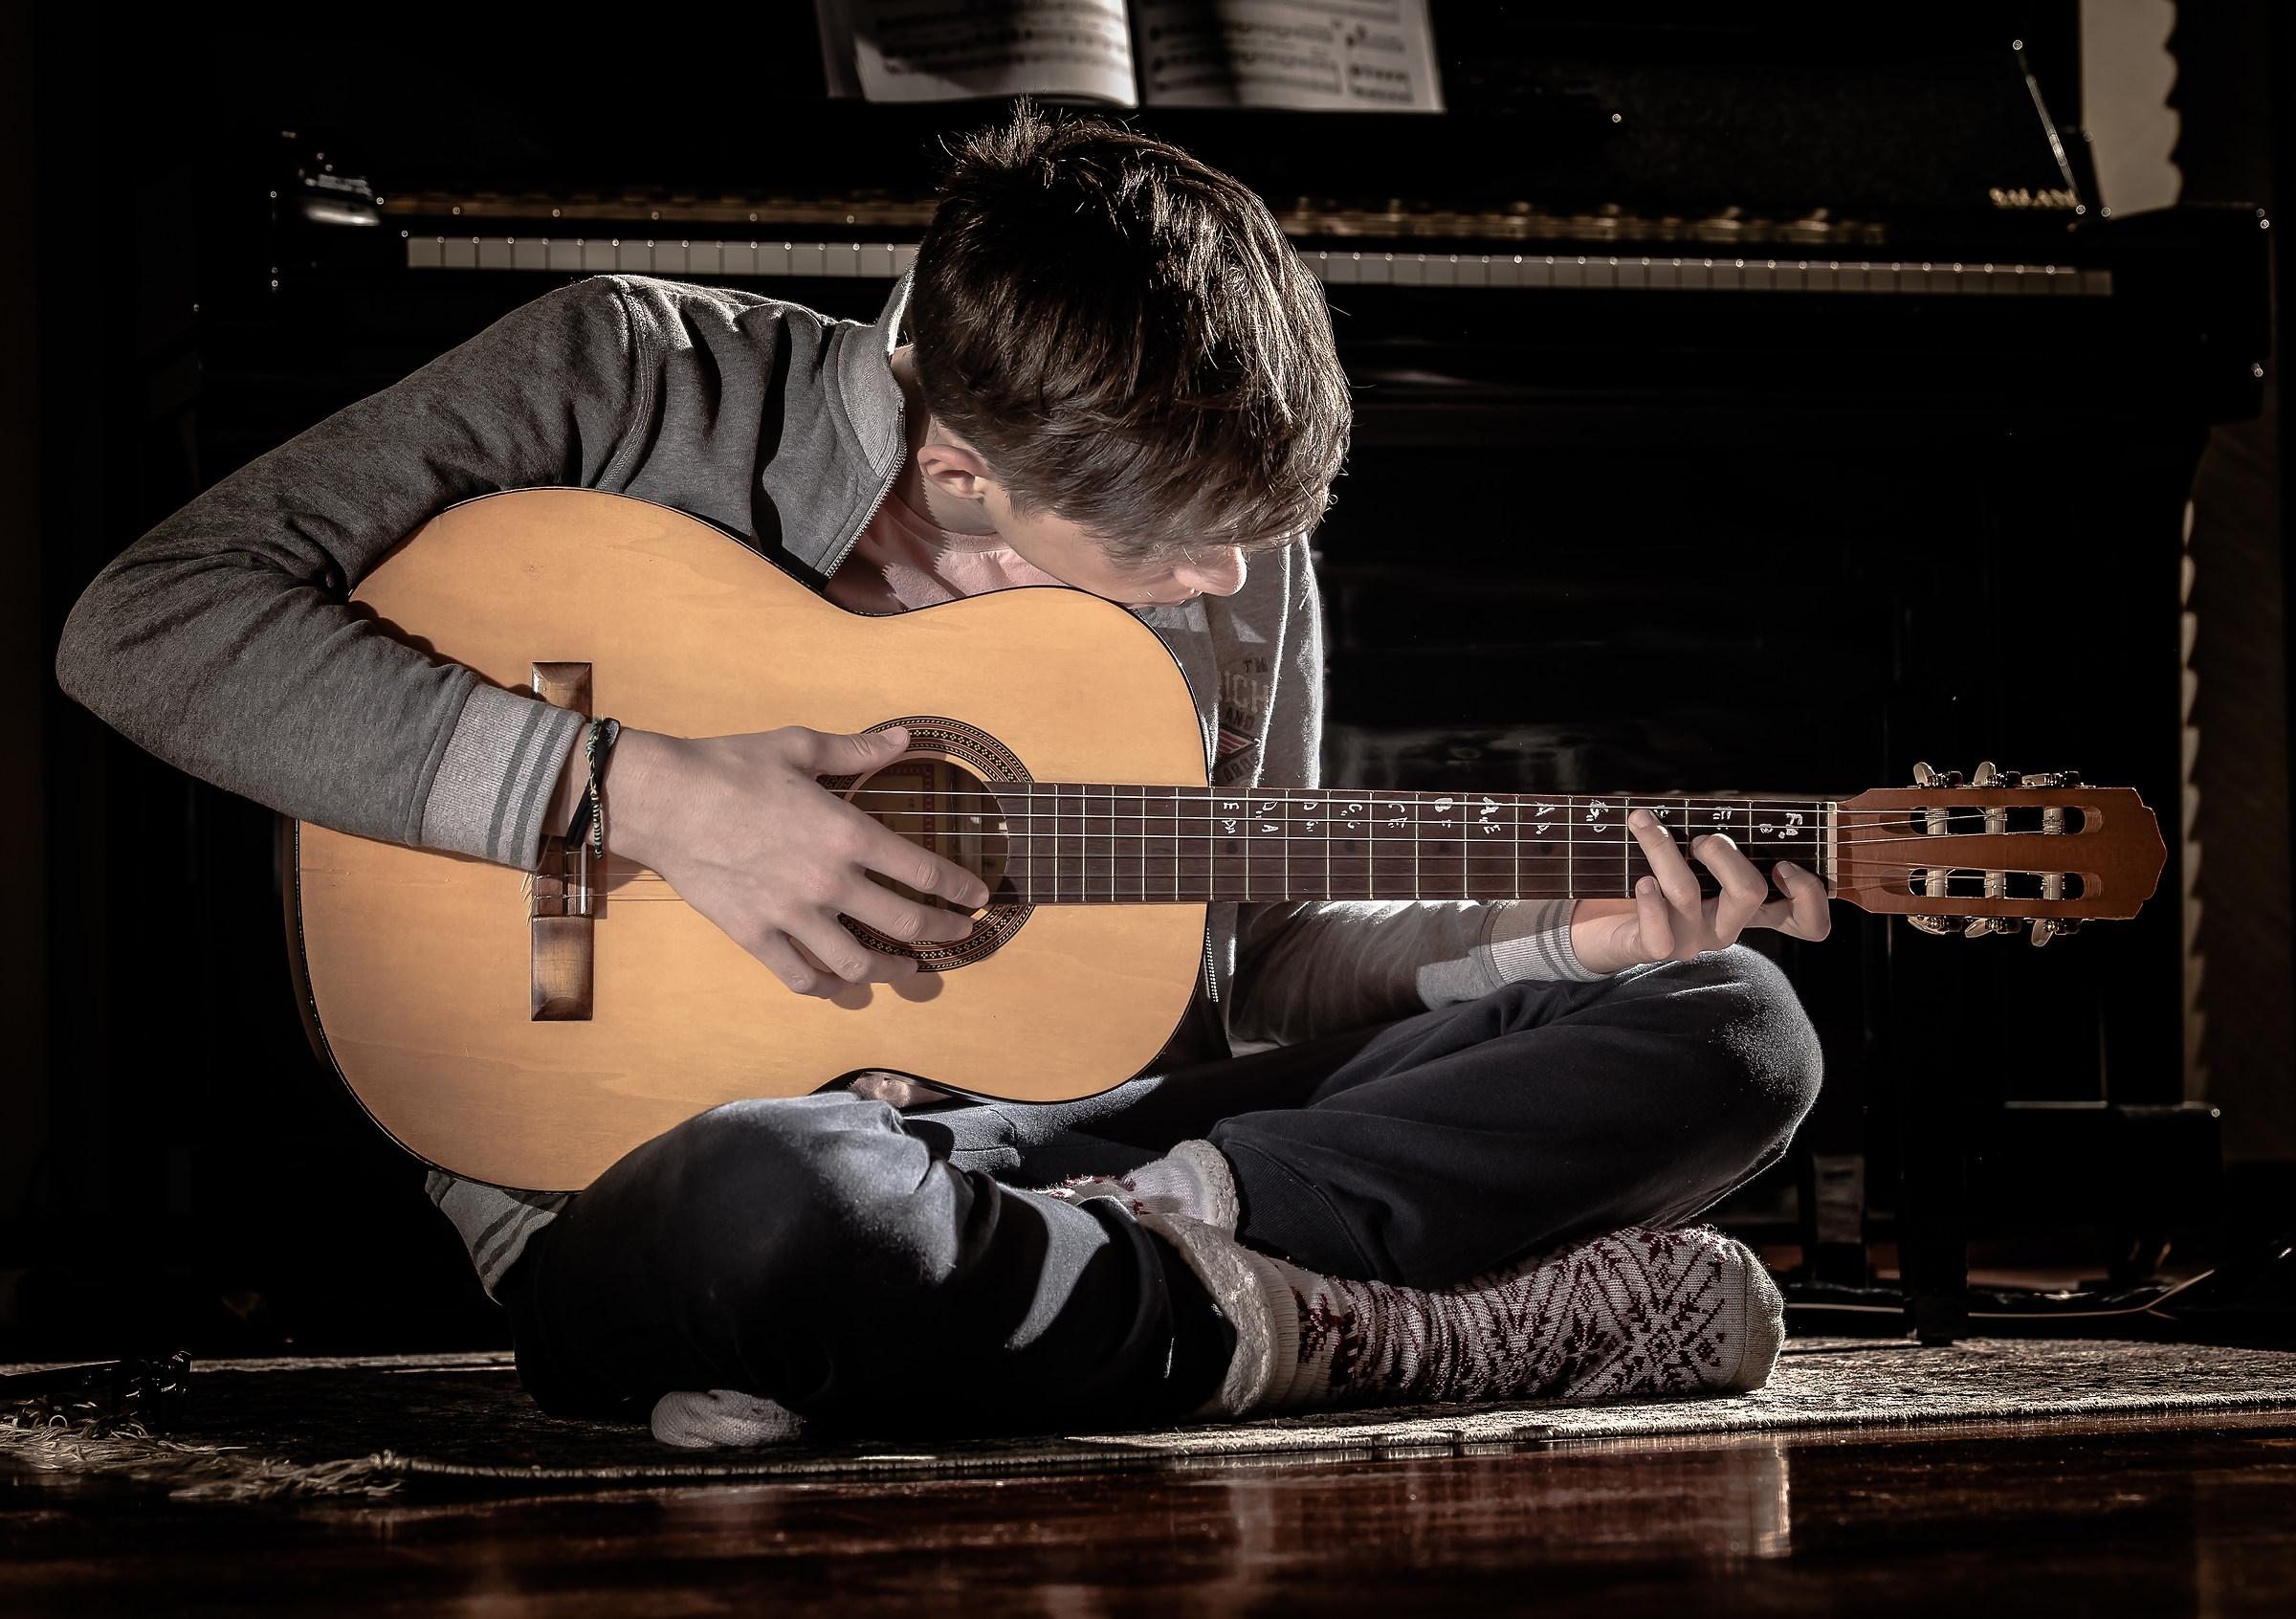 Music dreamer...